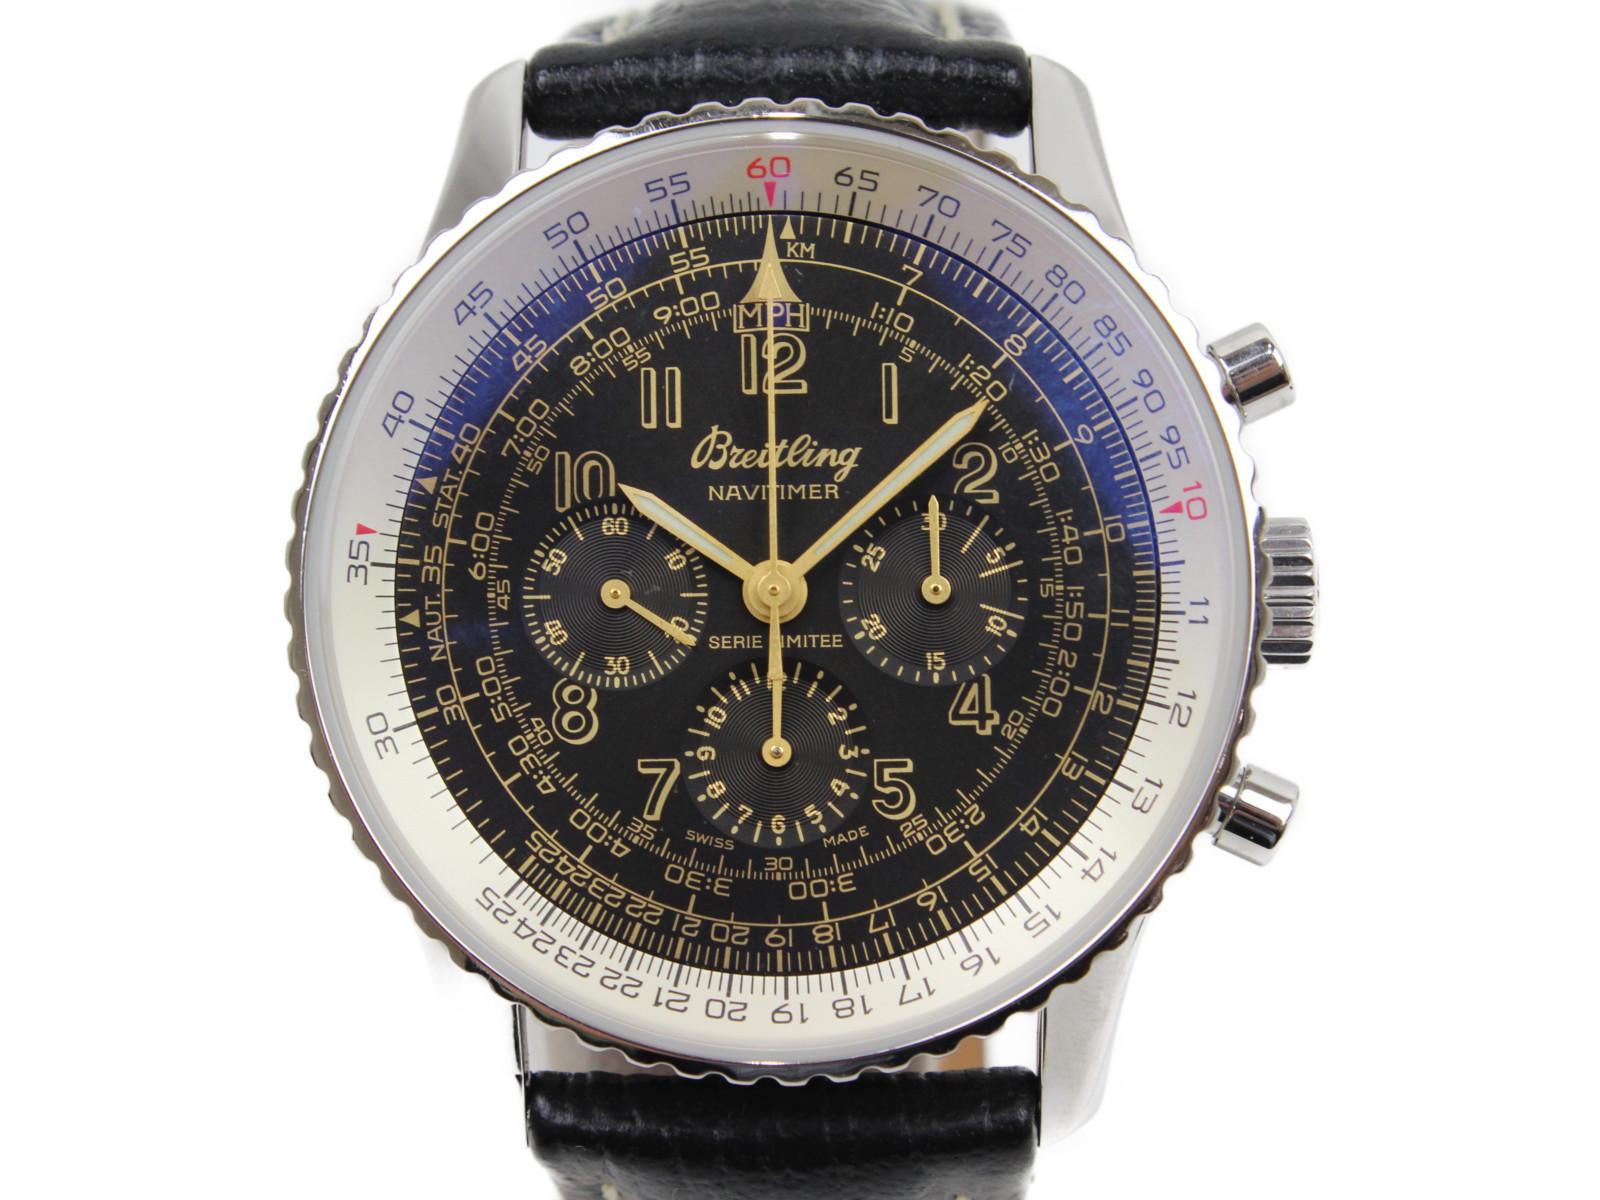 【日本400本限定】BREITLING ブライトリング ナビタイマー メカニック  A120BNMFBA A11022.1 手巻き クロノグラフ SS 革ベルト ブラック ゴールド メンズ 腕時計【中古】